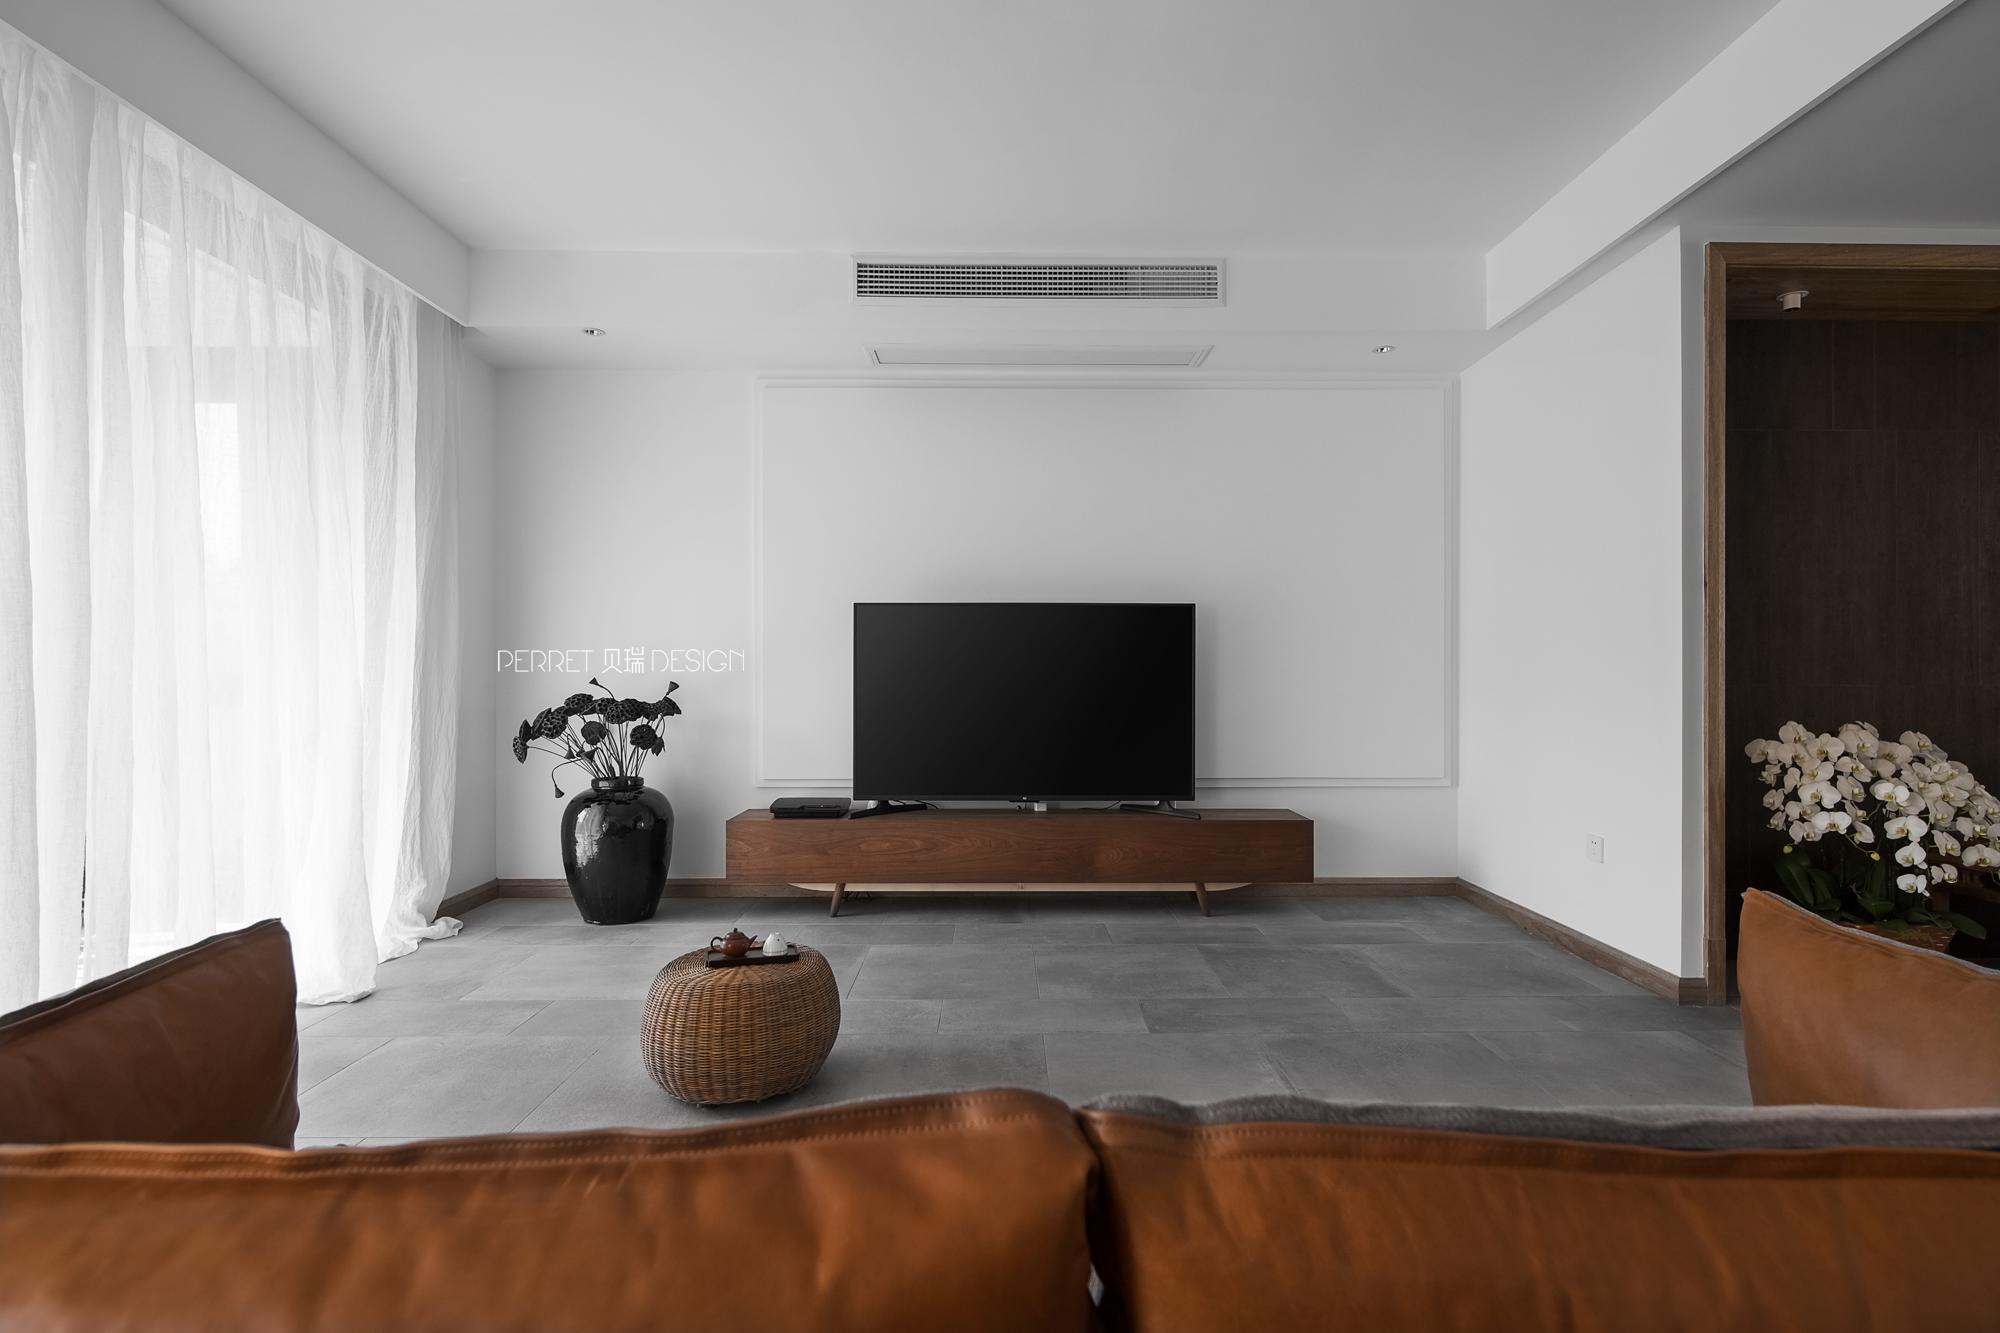 客厅 禅意空间 苏州设计师 贝瑞设计 客厅图片来自展小宁在我心素已闲—禅意的佛系居所的分享